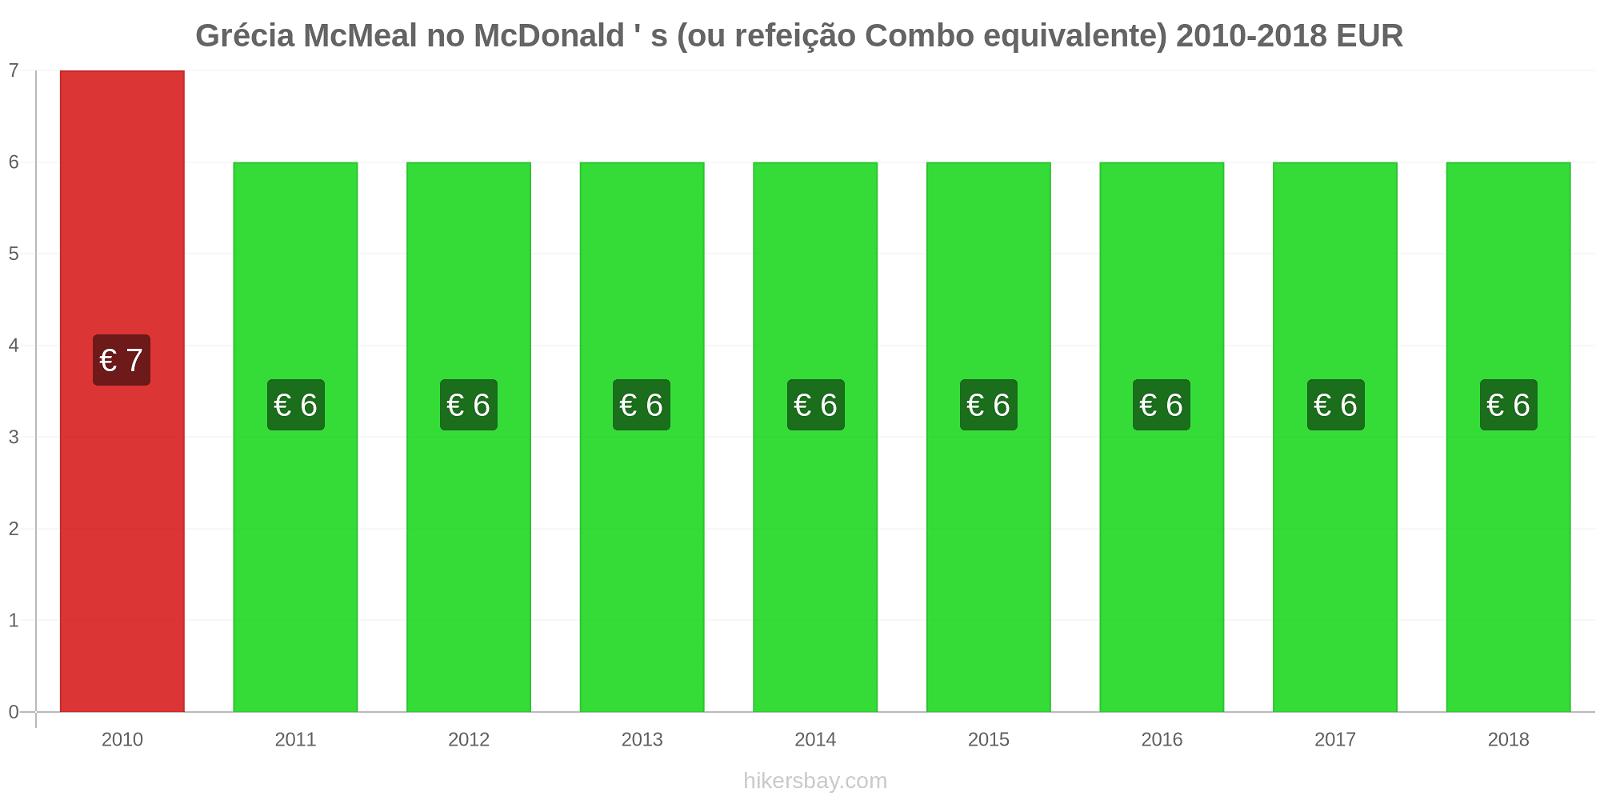 Grécia variação de preço McMeal no McDonald ' s (ou refeição Combo equivalente) hikersbay.com